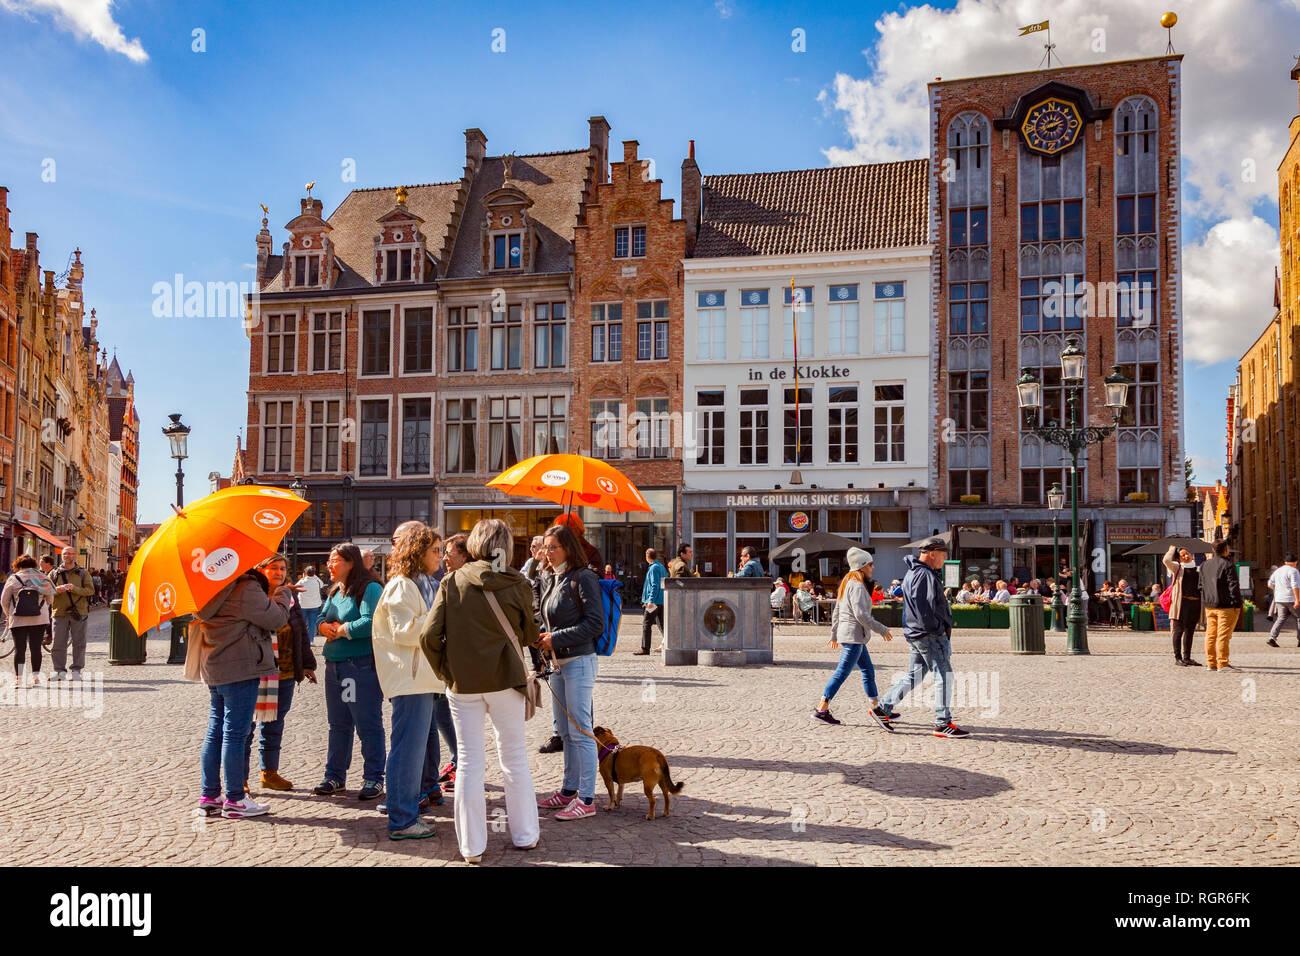 25. September 2018: Brügge, Belgien - Tour Gruppe unter den Orangen Sonnenschirme in der Mitte der Stadt, Markt, an einem sonnigen Herbsttag mit herrlichen b Stockbild